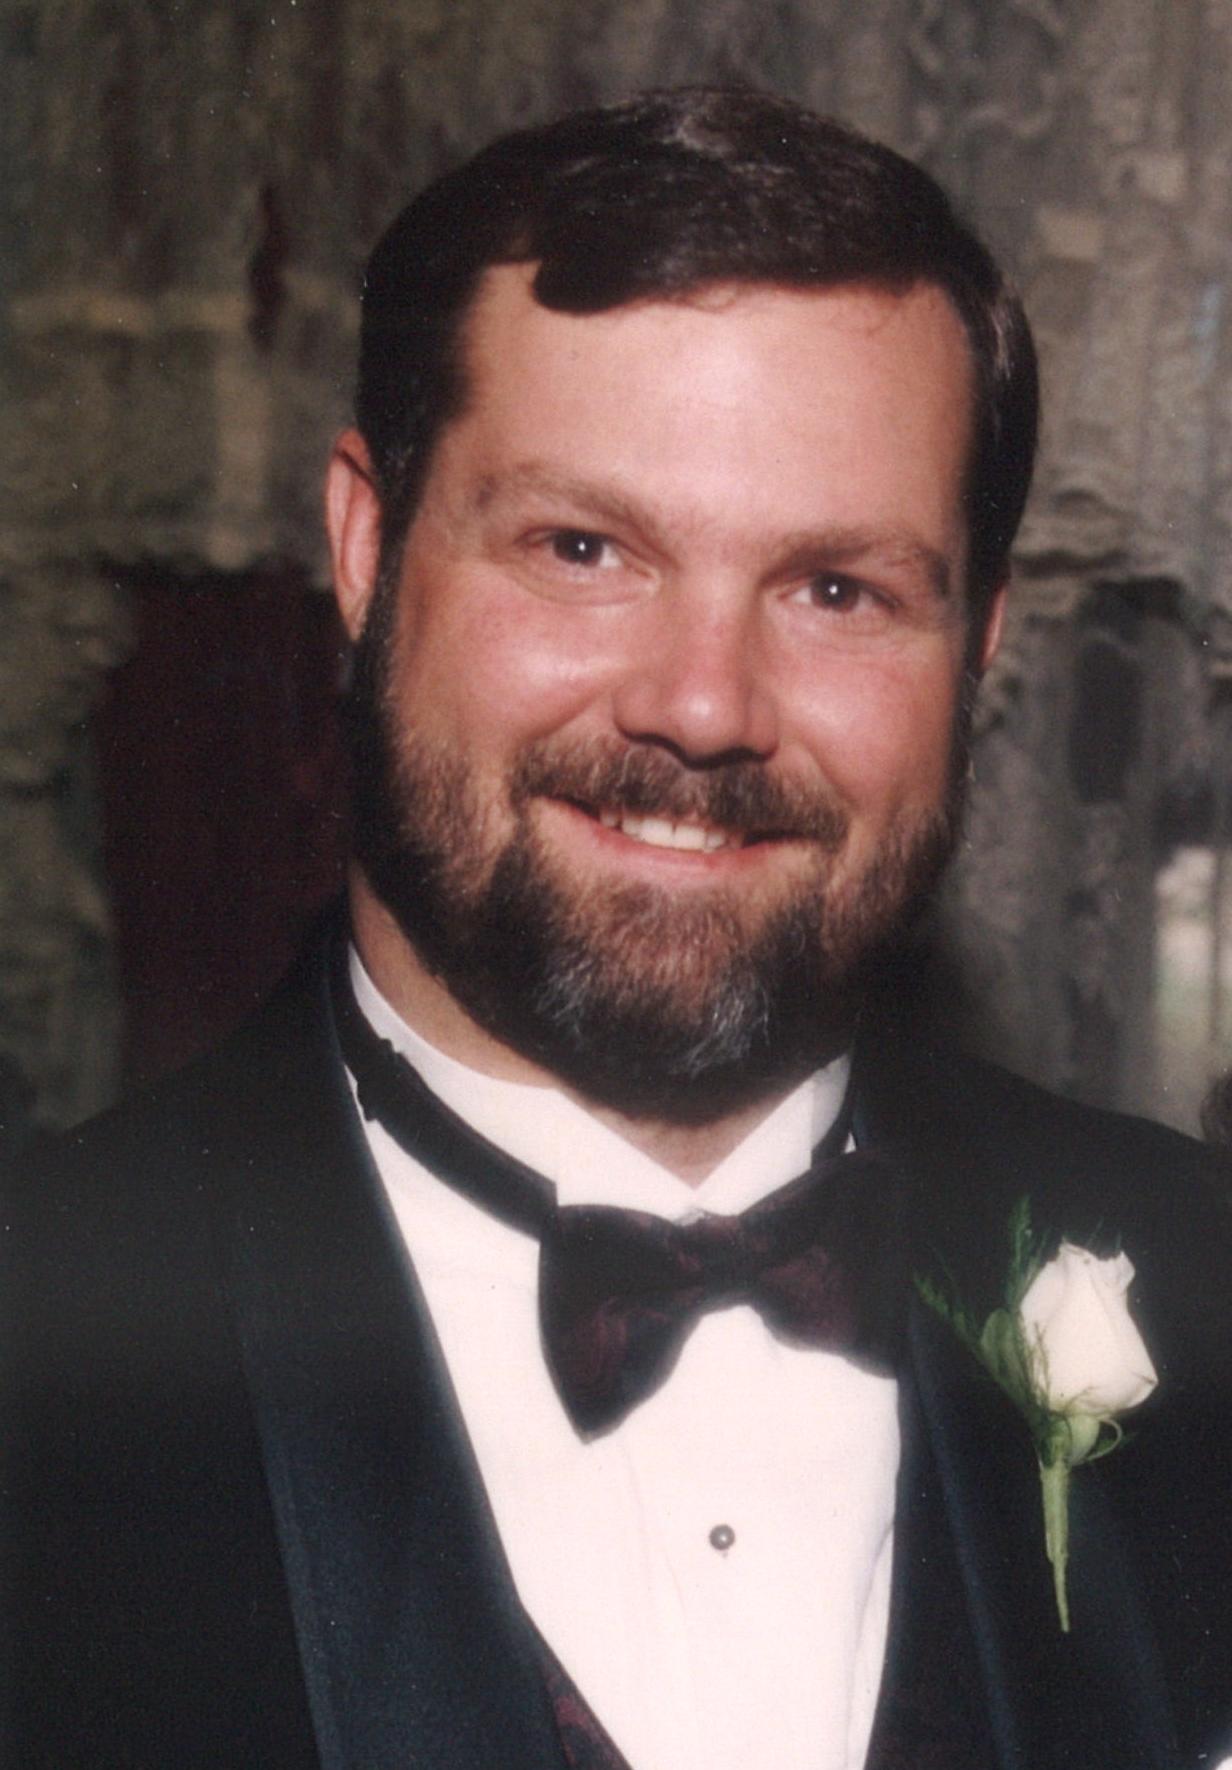 Daniel Joseph Andreas